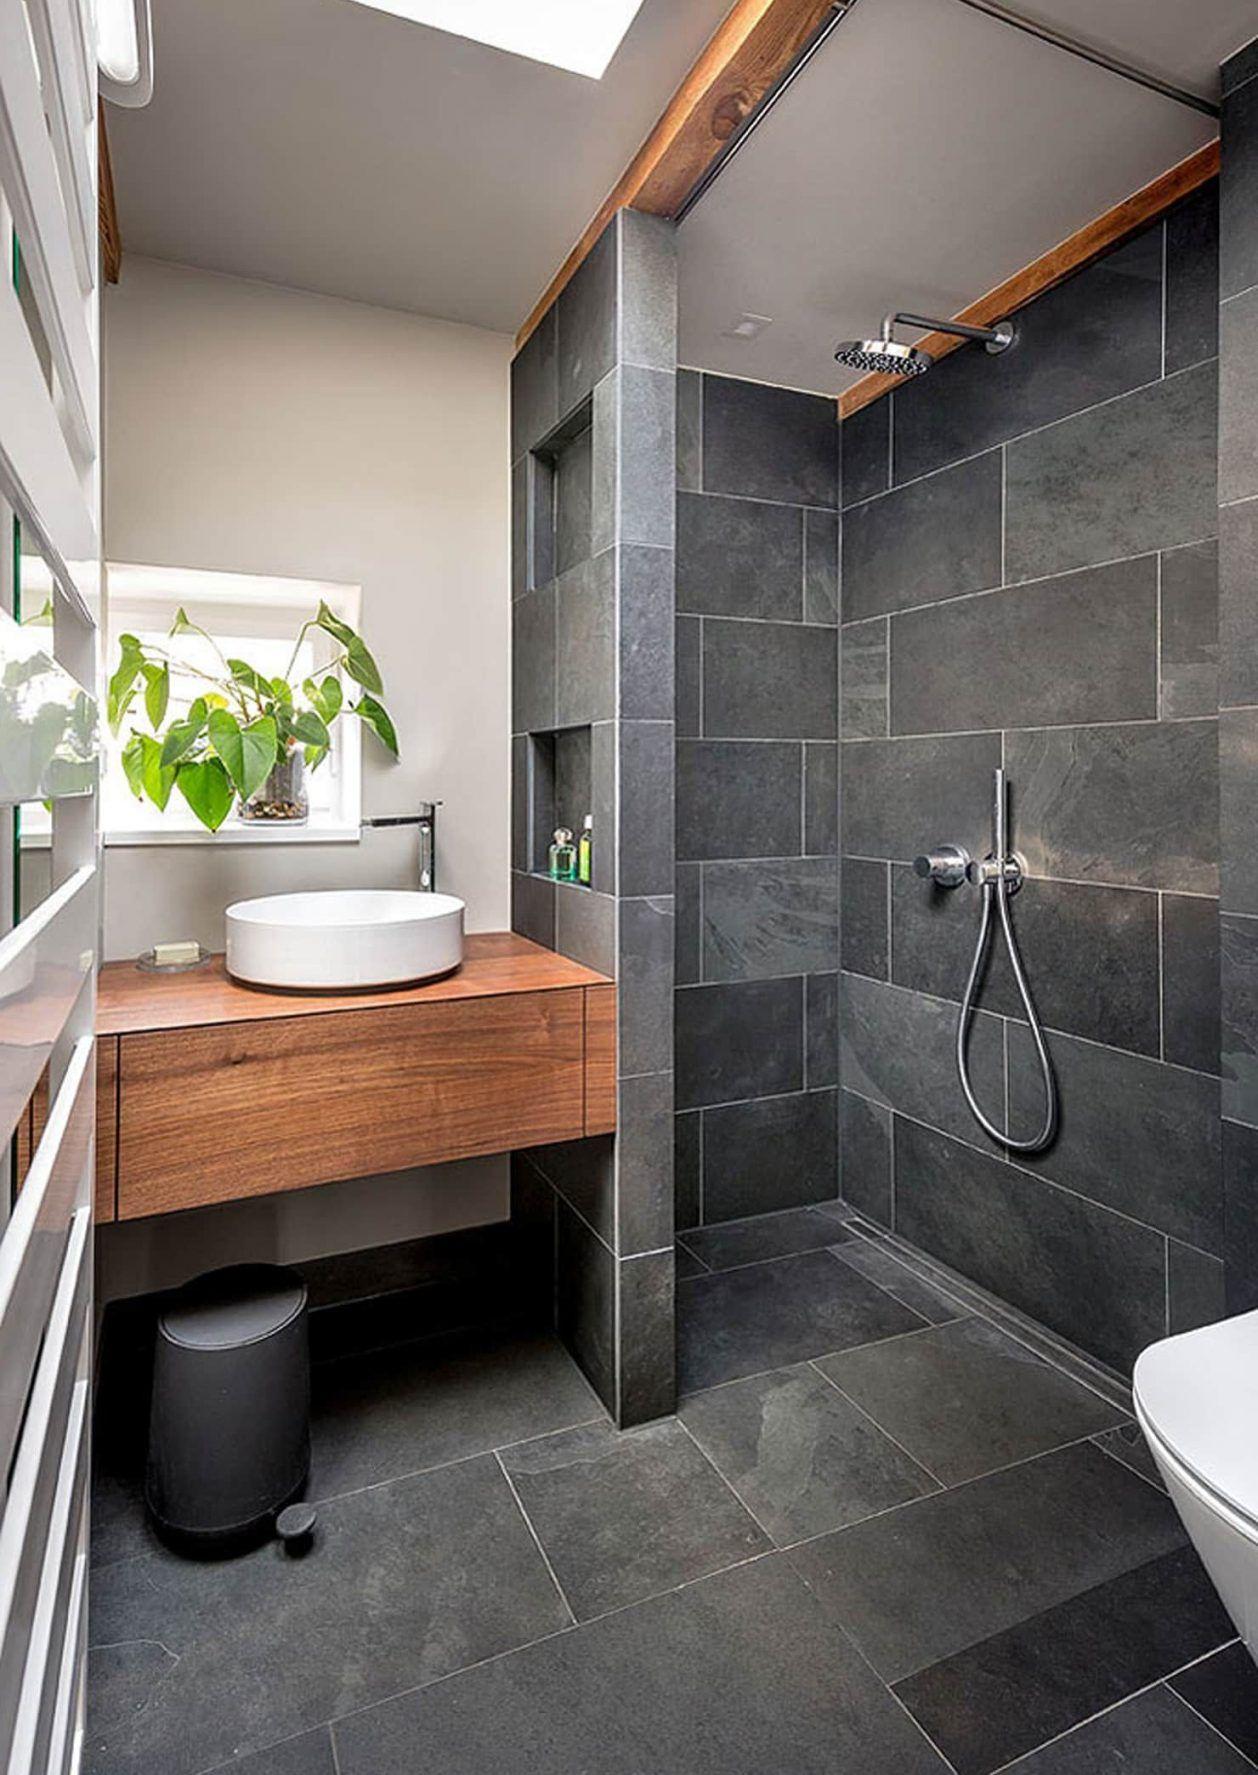 Hier Trouves Du Fotos Von Einrichtungsideen Lass Dich Inspirieren Badezimmer Schwarz Minimalistische Bader Minimalistisches Badezimmer